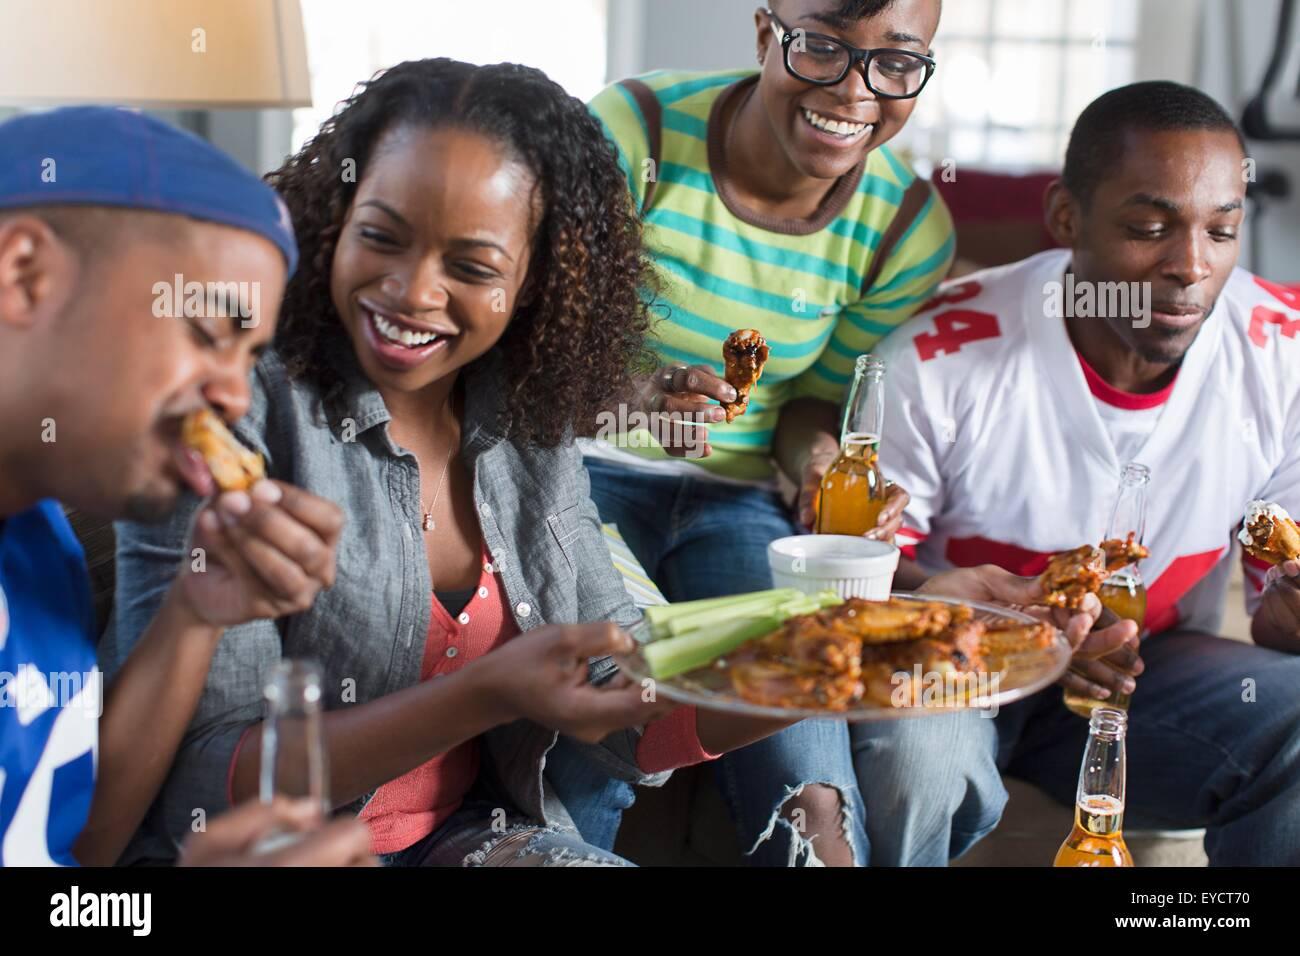 Grupo de amigos adultos comiendo comida para llevar en el sofá de la sala Imagen De Stock